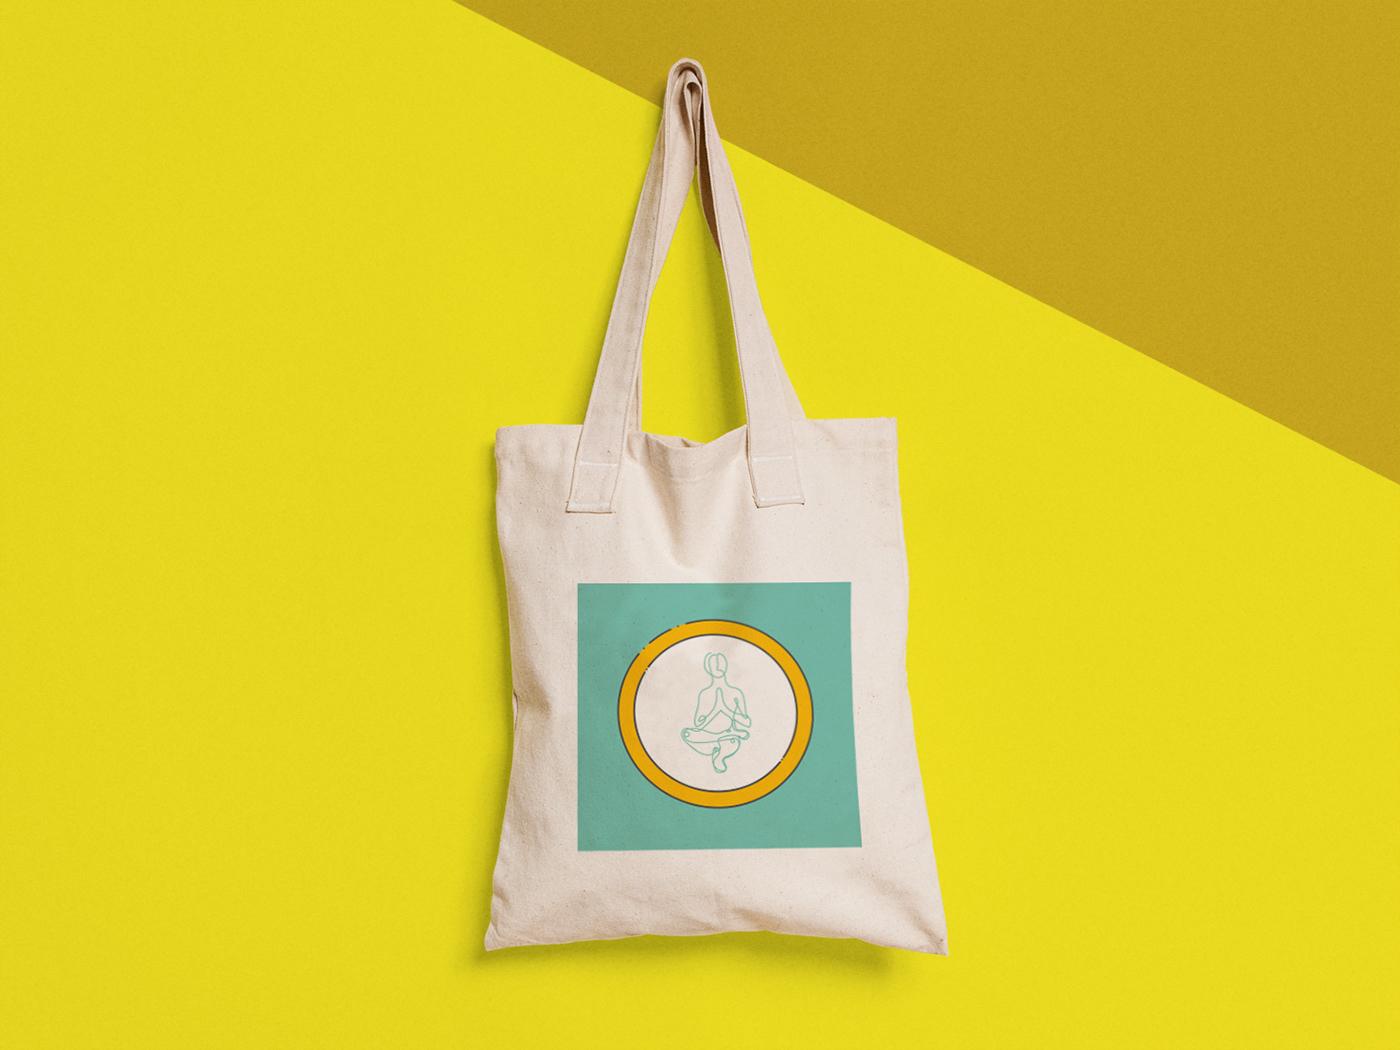 Image may contain: handbag, shopping bag and bag